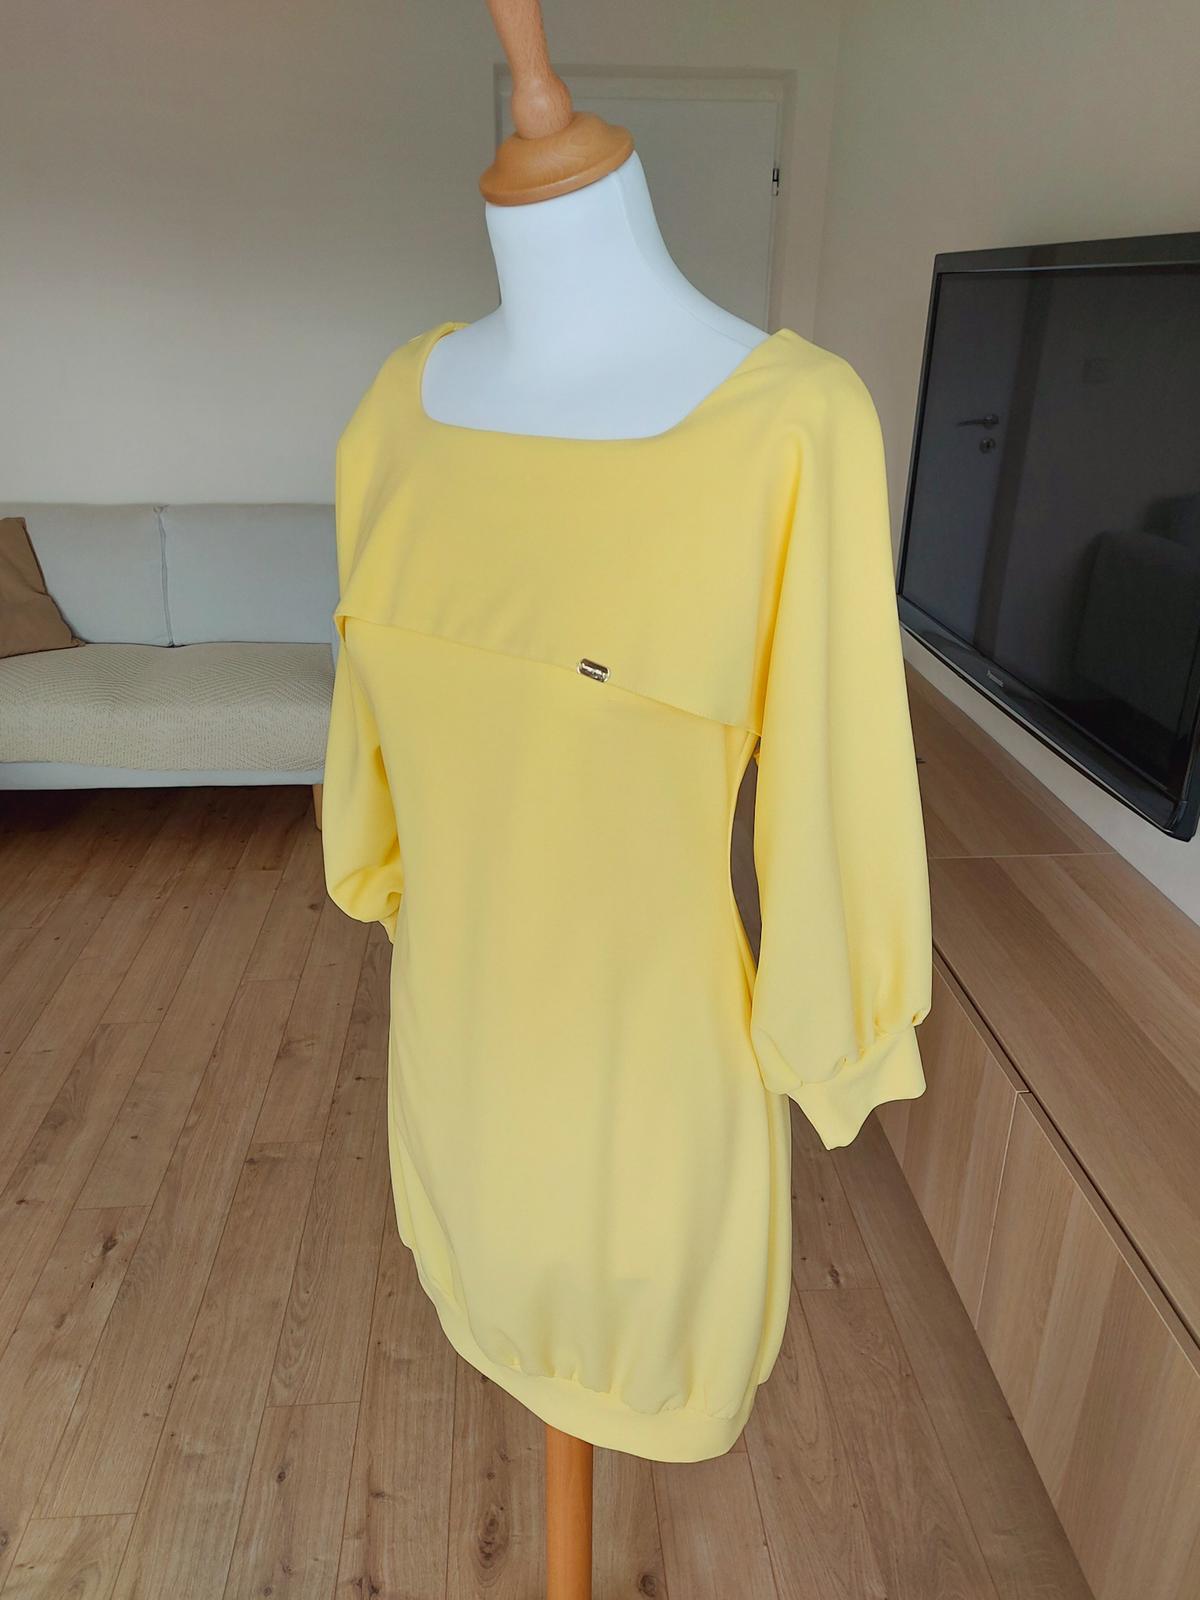 Predám žlté krátke šaty - Obrázok č. 1